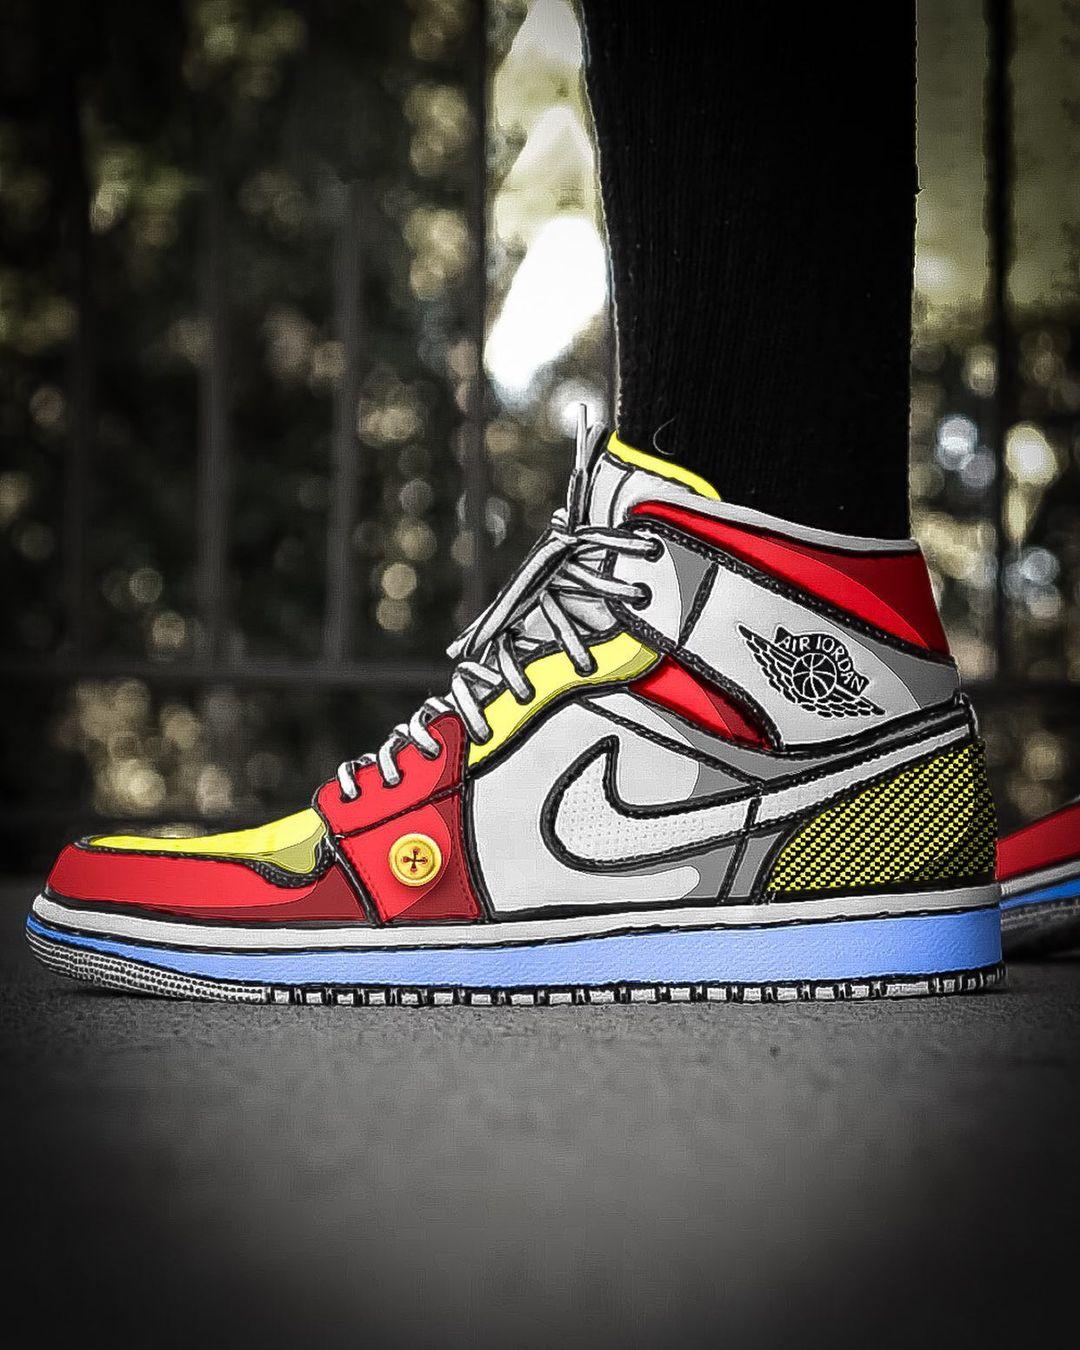 Nike,Air Jordan 1,AJ1,sacai,Ai  梦寐以求的绝美天价配色!糖果二次元 AJ1 你打几分?